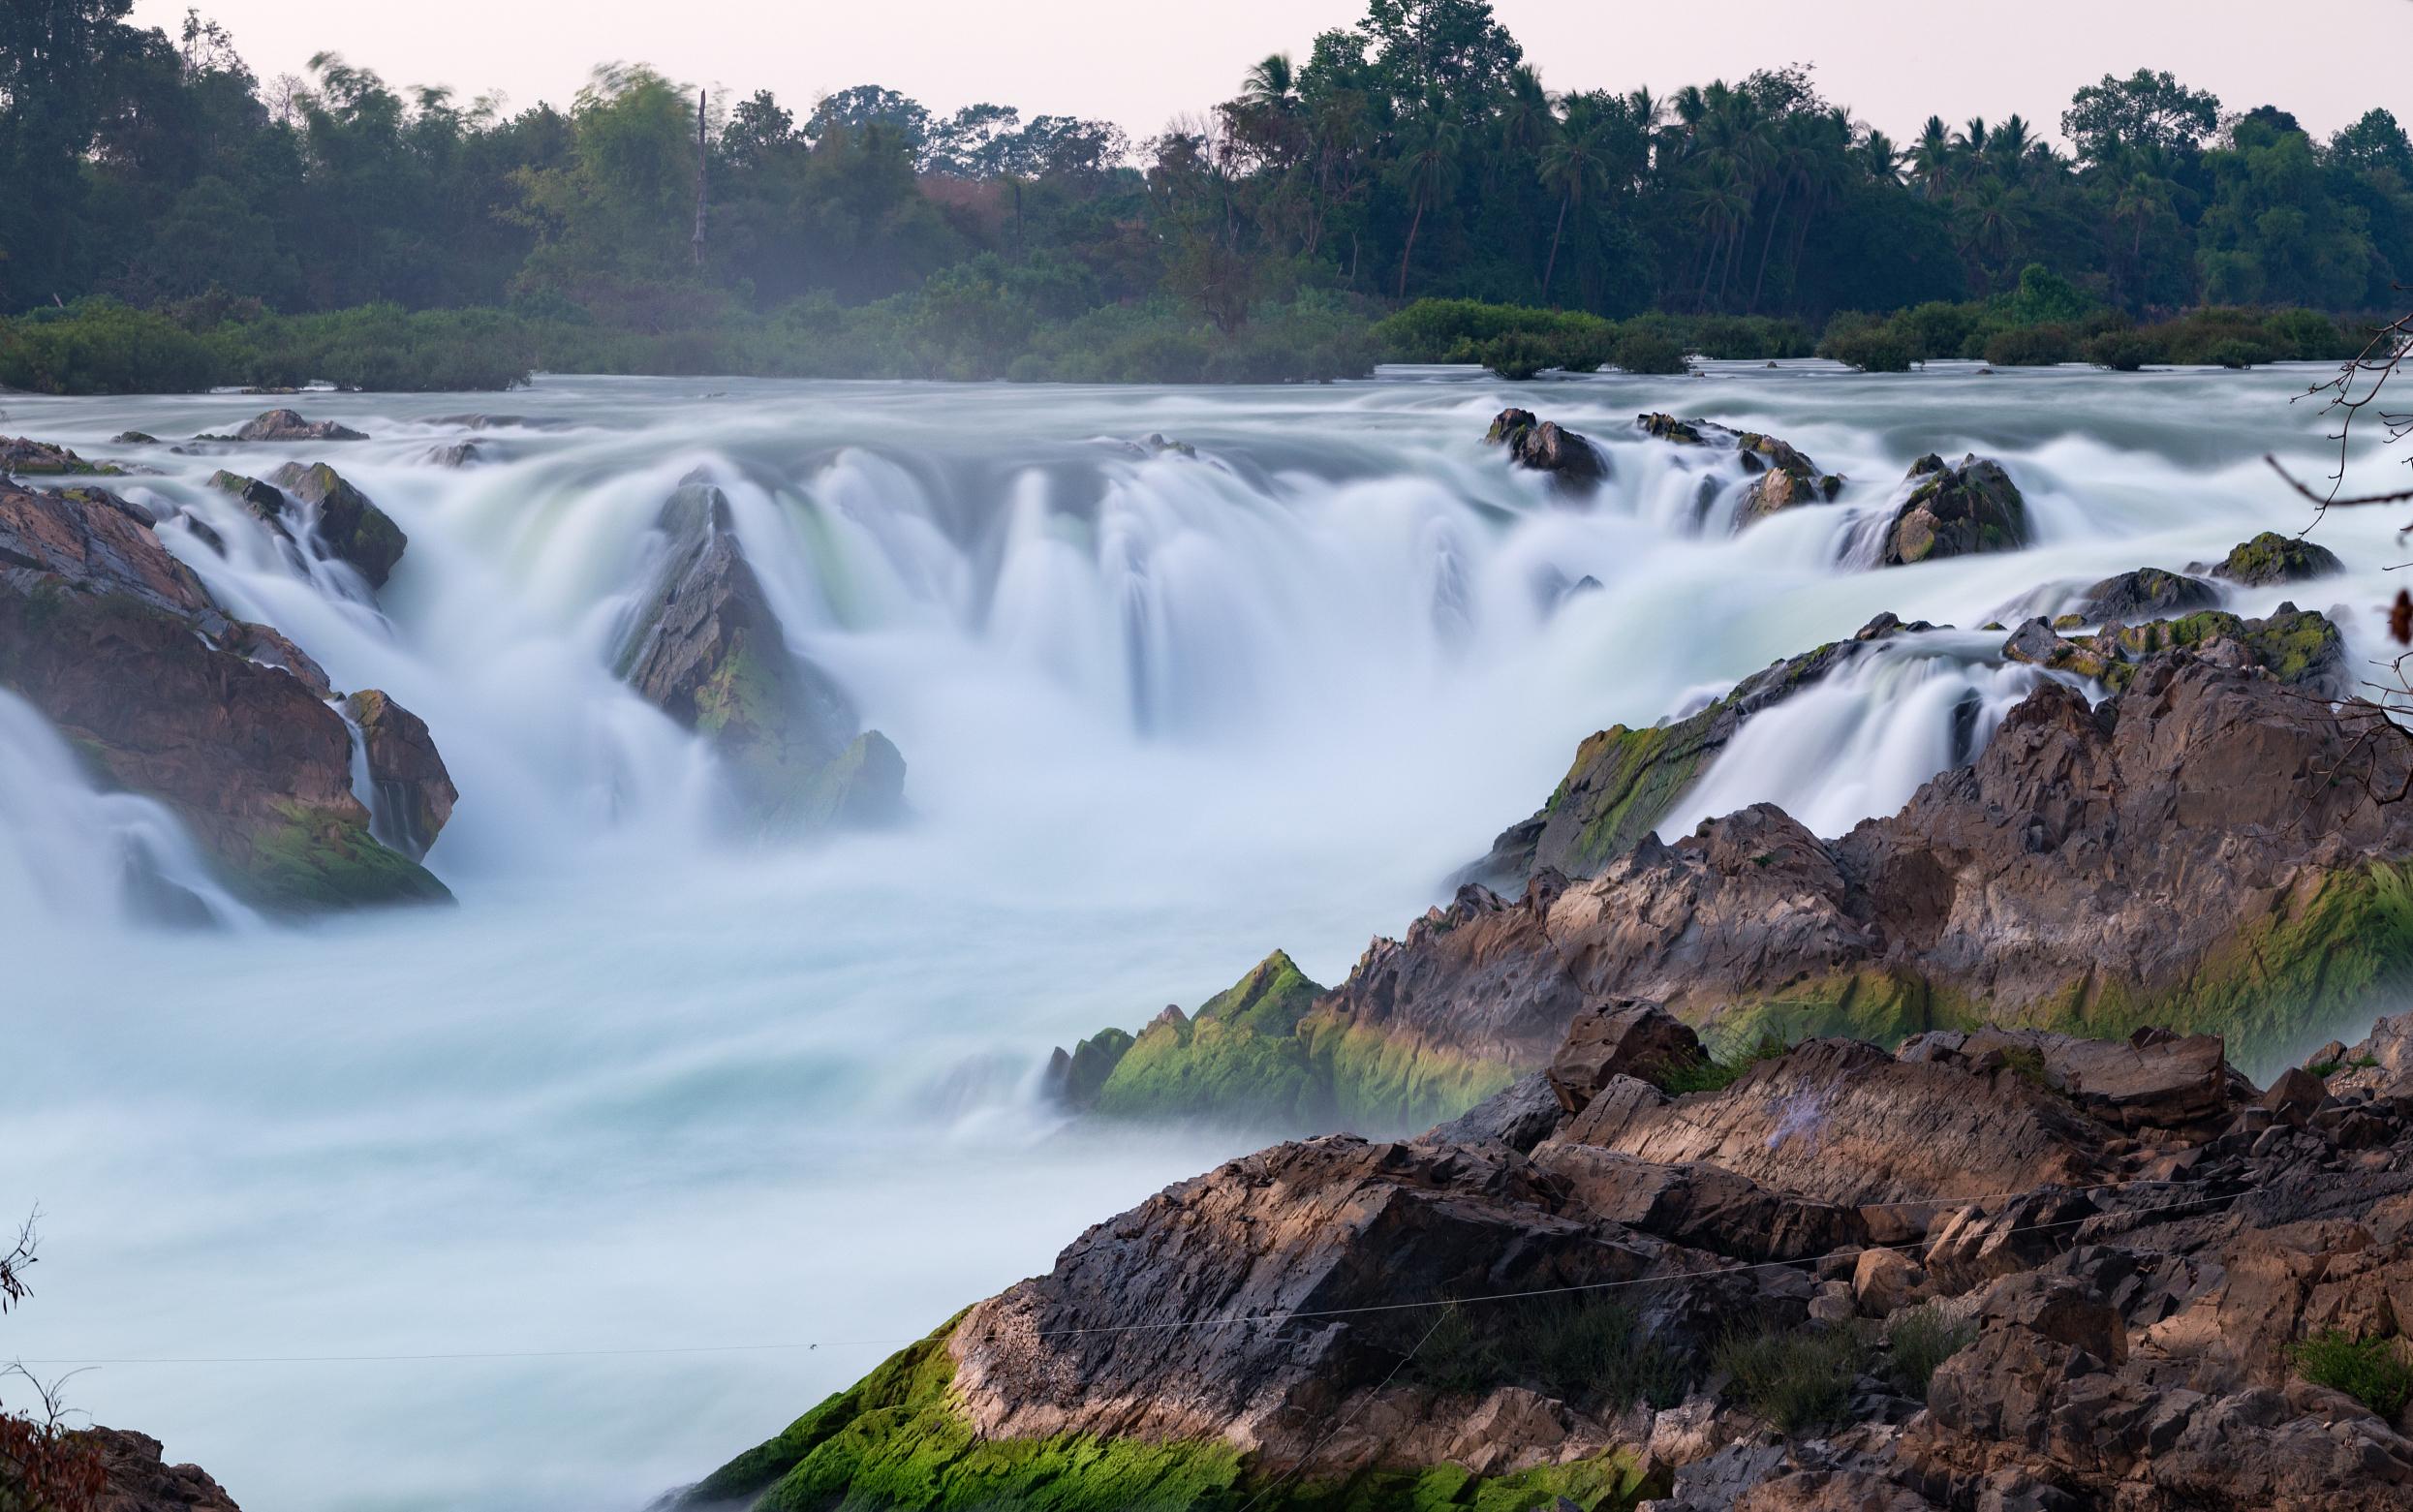 南江大峡谷地处贵州高原中部的开阳县,距省会贵阳五十四公里。以发育典型、气势宏大的喀斯峡谷风光和类型多样、姿态万千的瀑布群落为特色,风乐旖旎,景象万千。经有关专家完成的科学考查结果显示:南江峡谷地层古老,河谷深切,为典型的低中山峡谷地貌景观,十分壮丽优美。